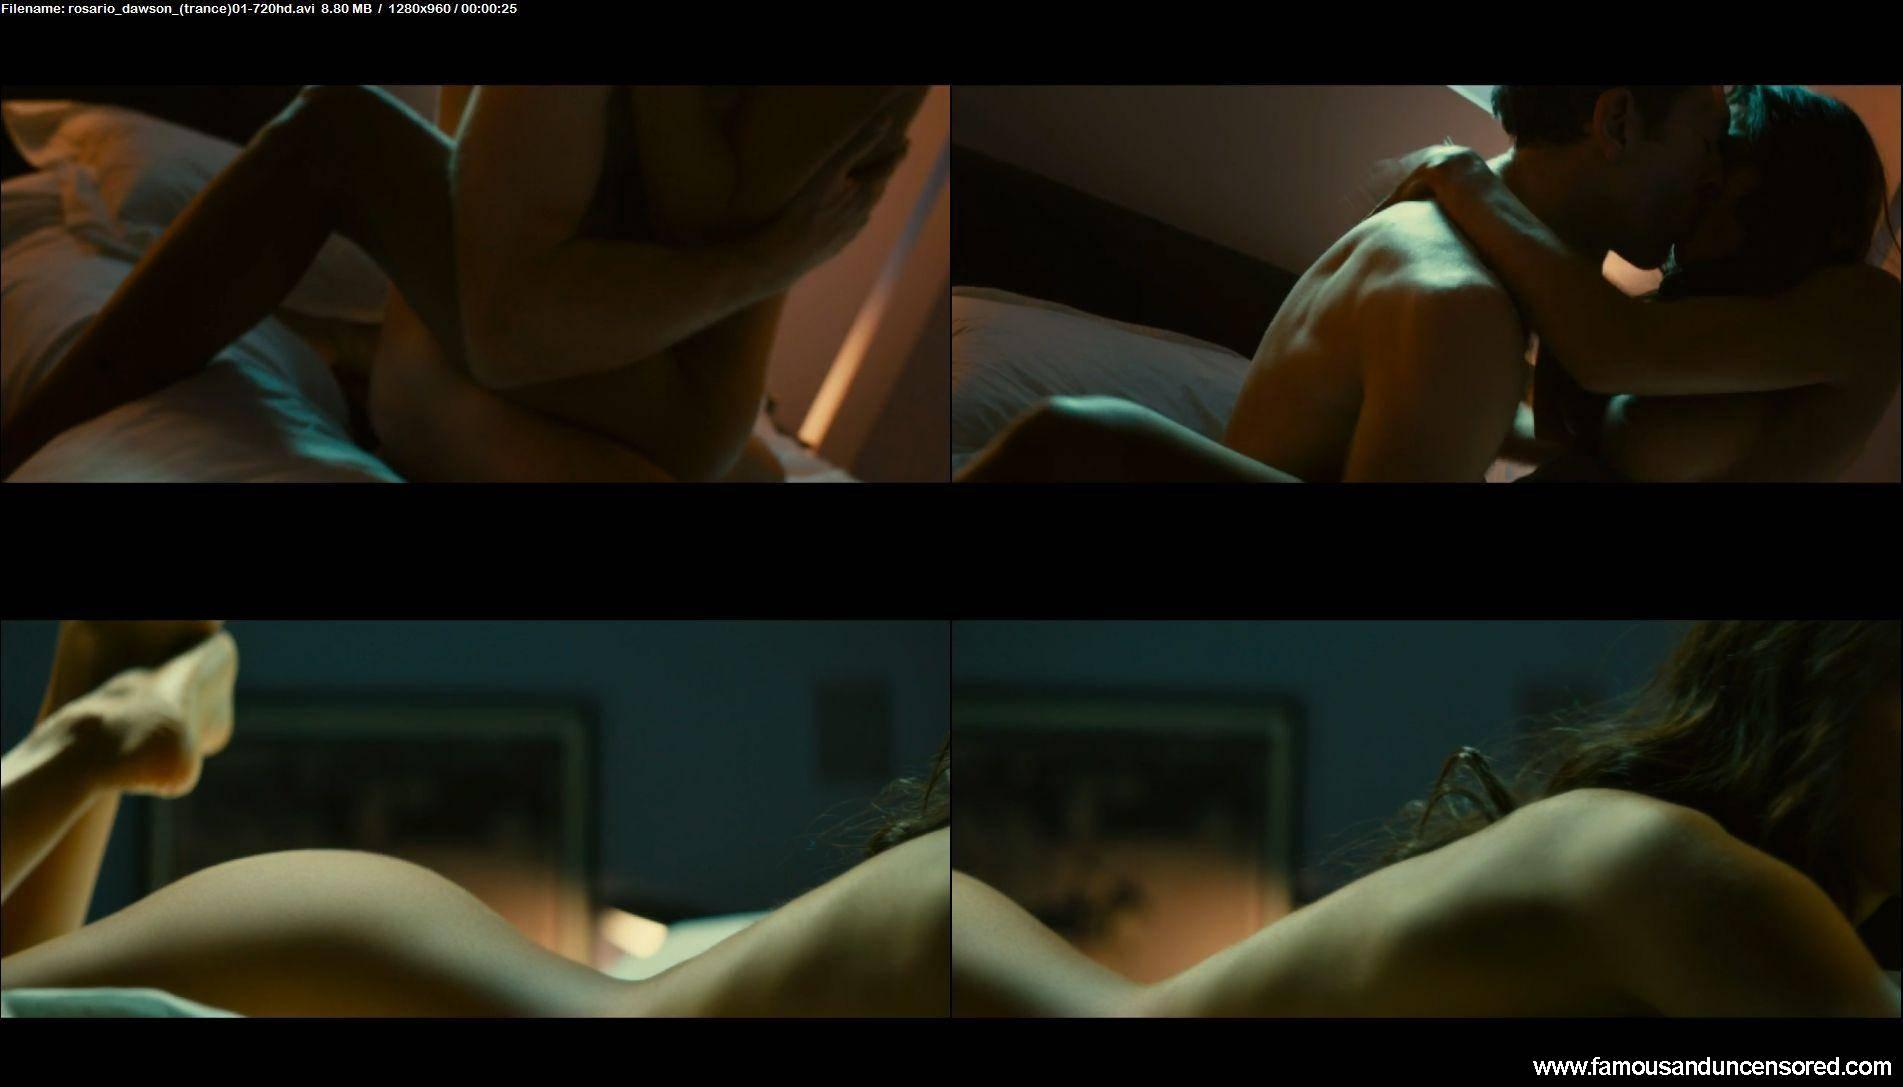 Rosario dawson nude sex scene in trance scandalplanetcom 10